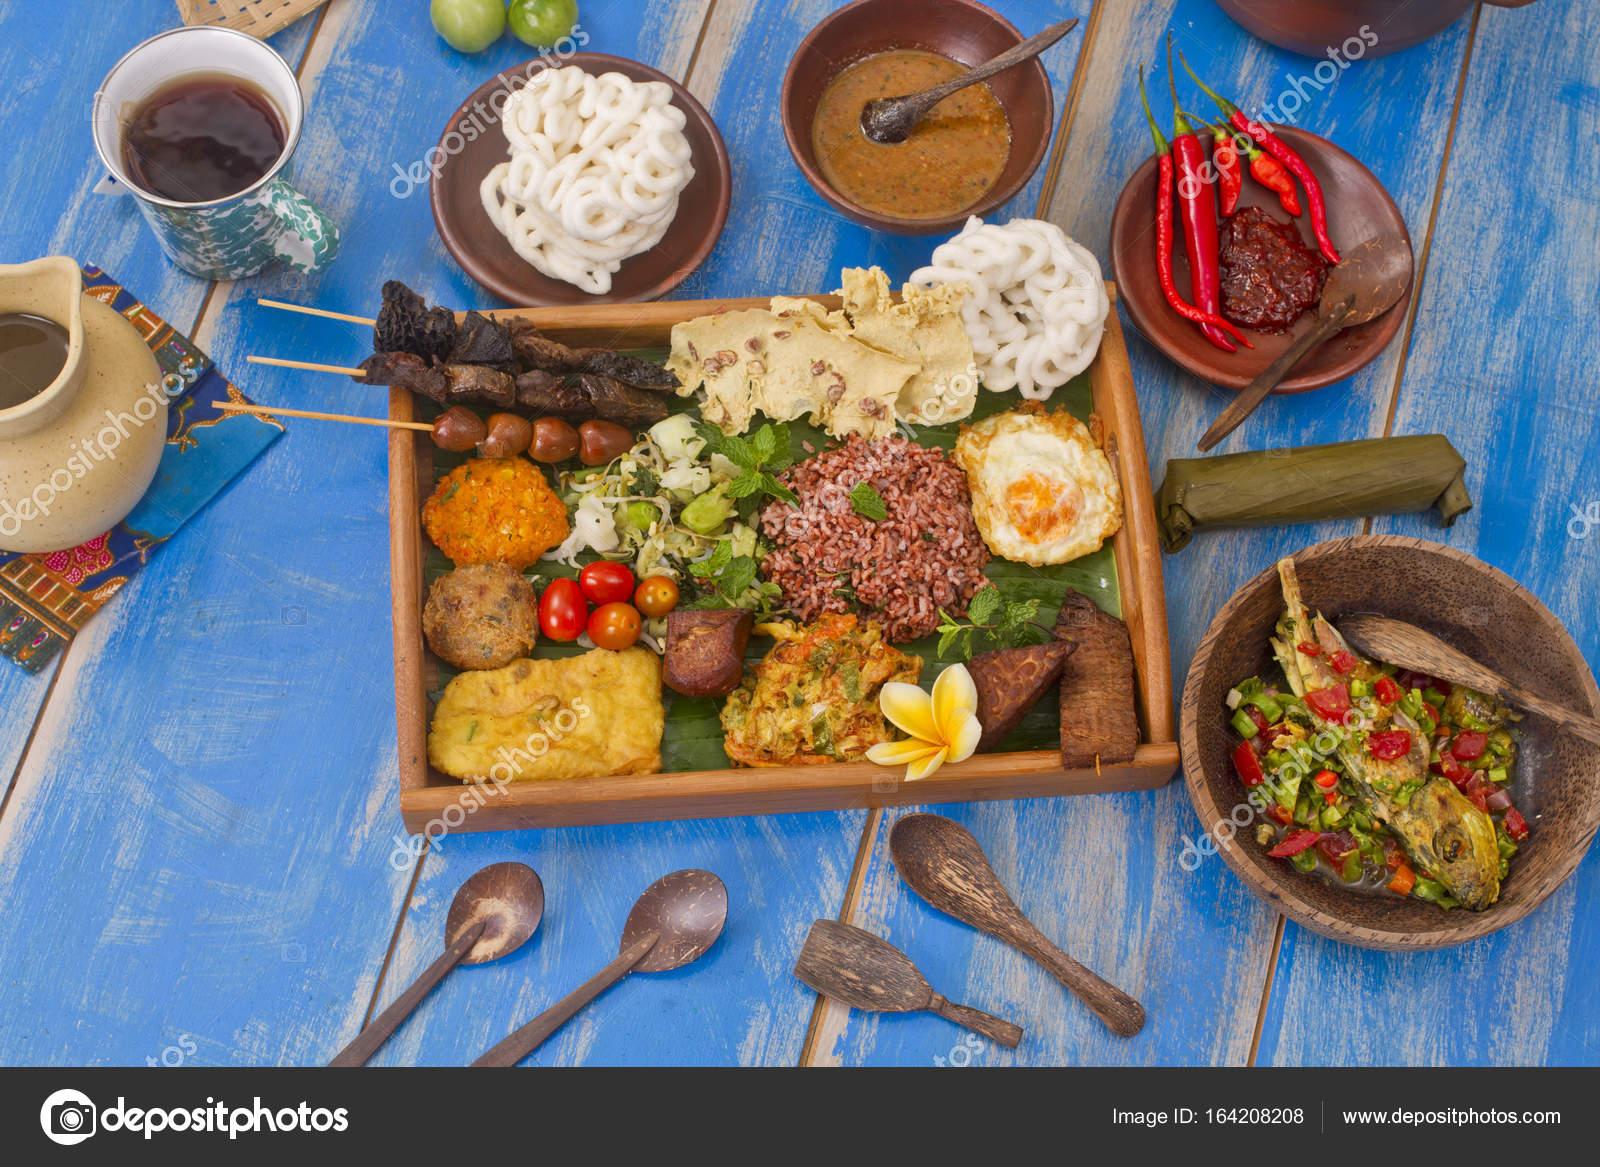 インドネシア pecel 野菜サラダ ストック写真 ismedhasibuan 164208208